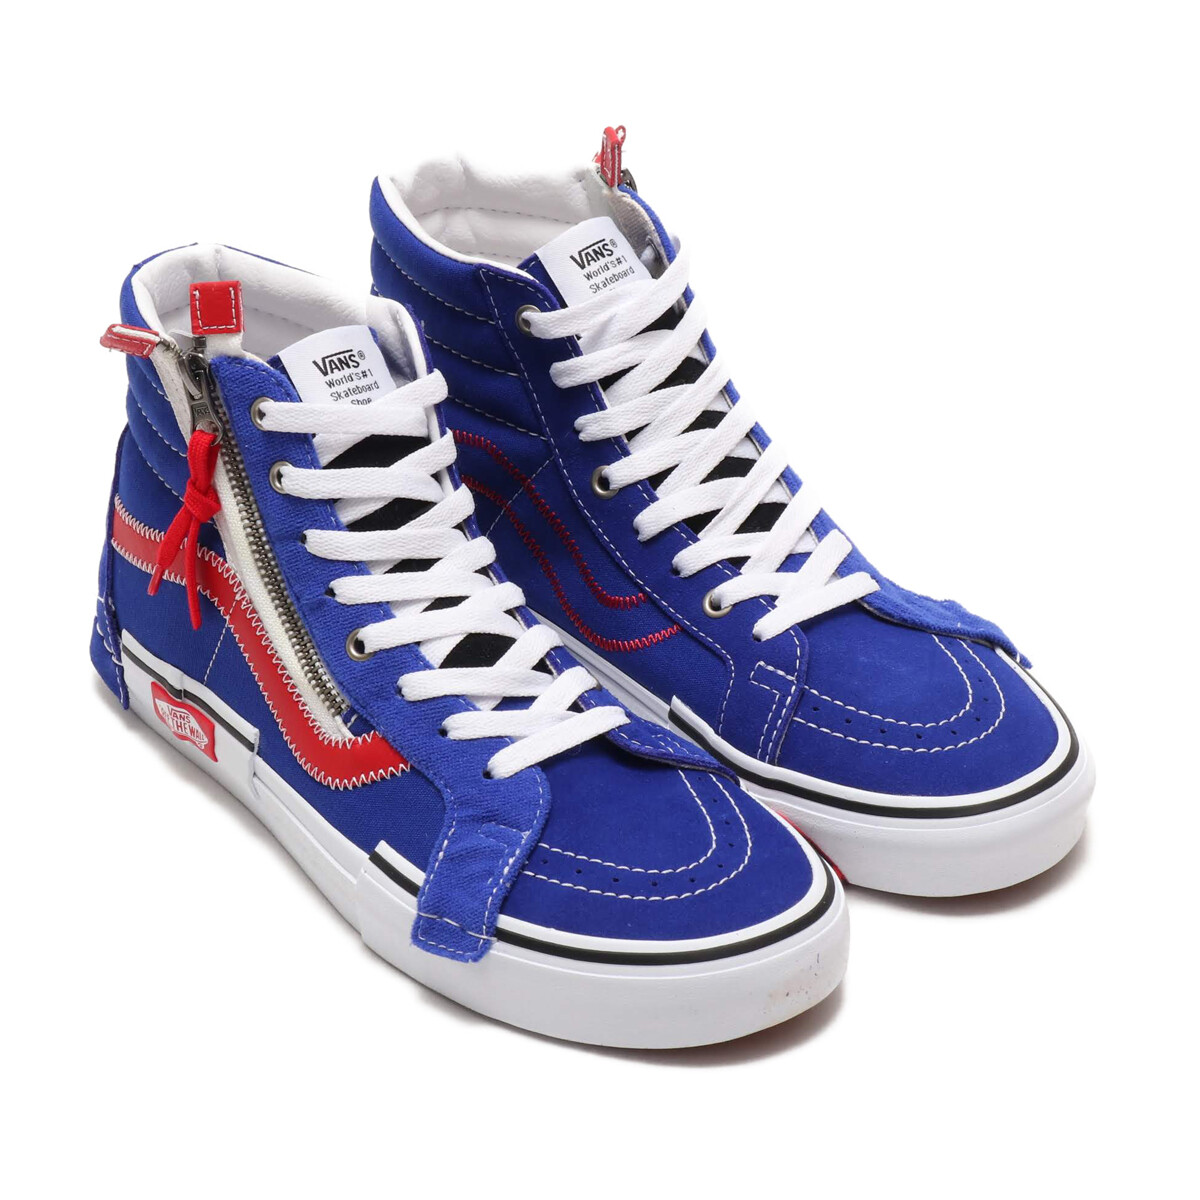 ヴァンズスケートハイリイシューキャップブルー/レッド-VANS SK8-HI REISSUE CAP BLUE/RED(vn0a3wm1xkt)